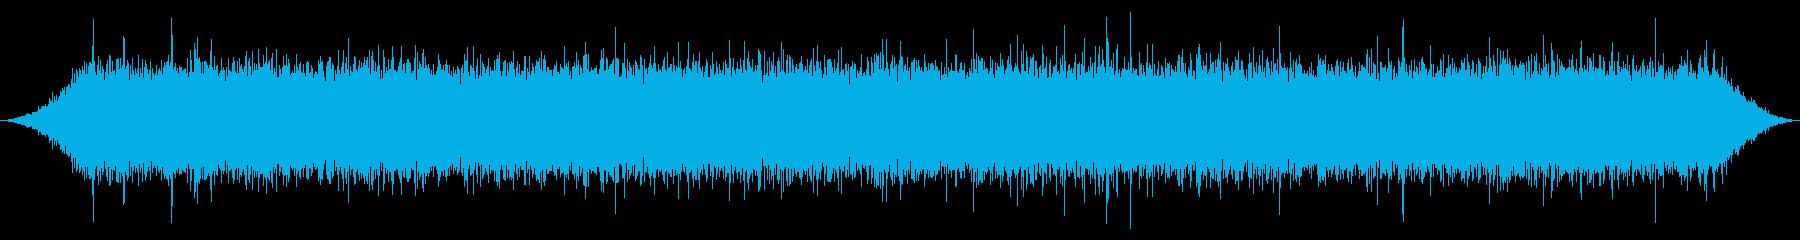 地下の流れまたは暗ul:中程度の流...の再生済みの波形